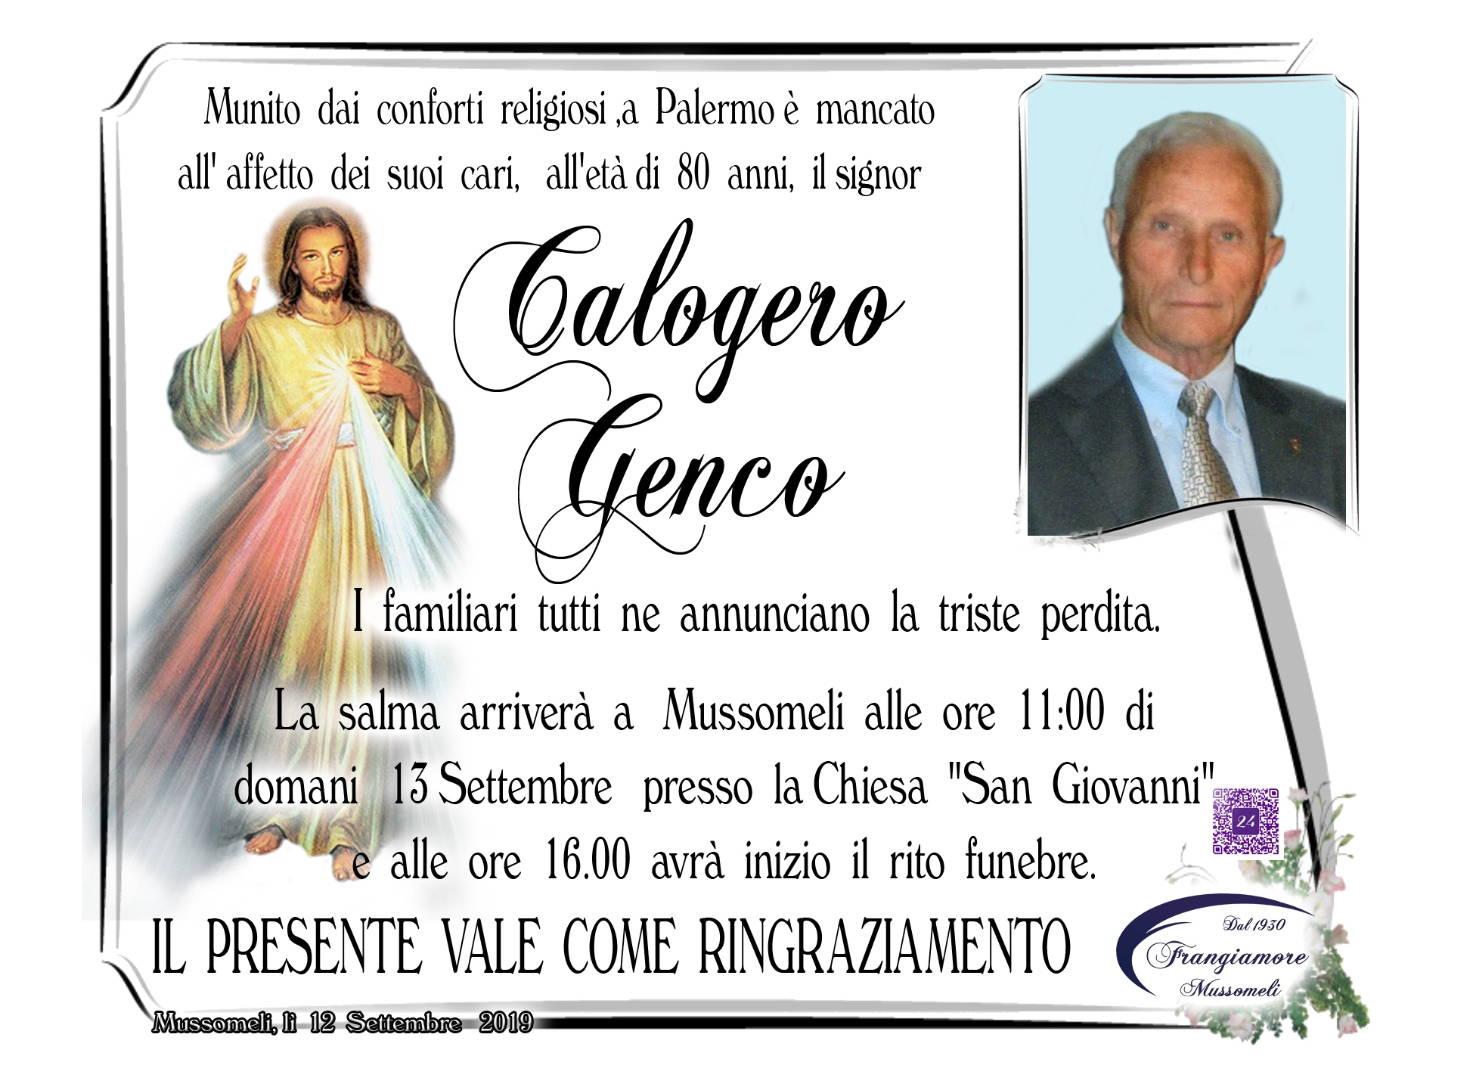 Calogero Genco